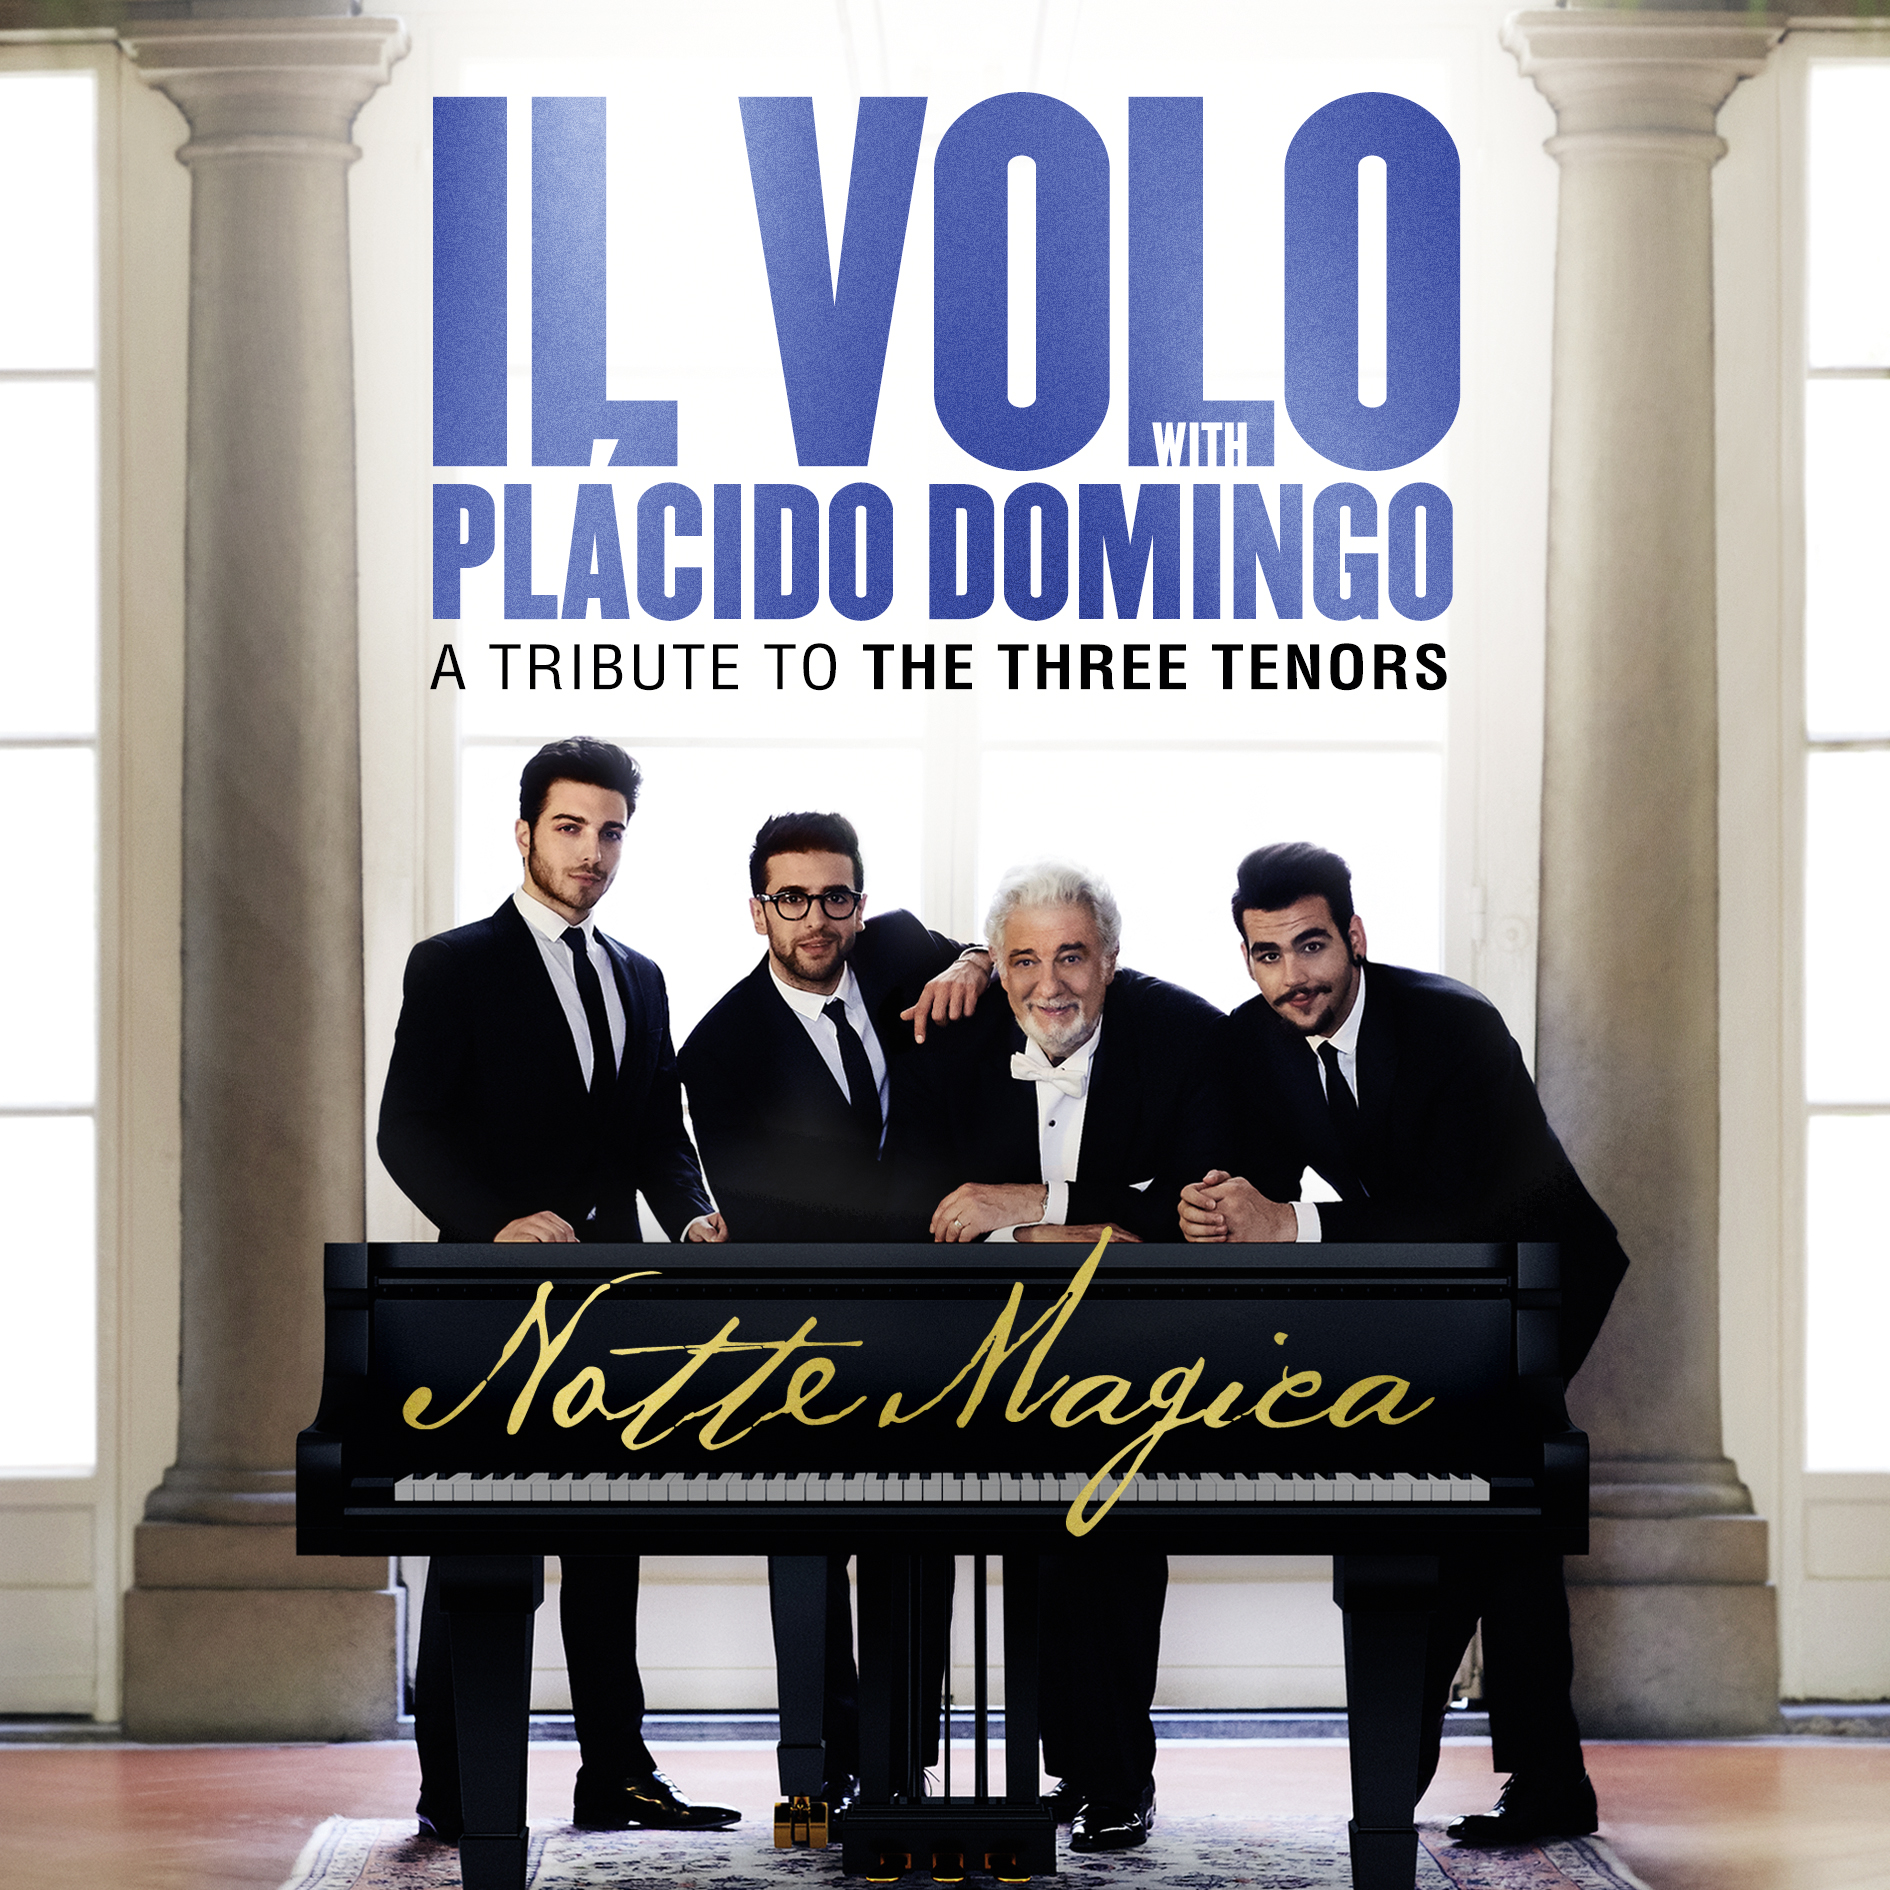 """Hoy a la venta """"Notte Magica"""", el tributo a los Tres Tenores de Il Volo con Plácido Domingo"""